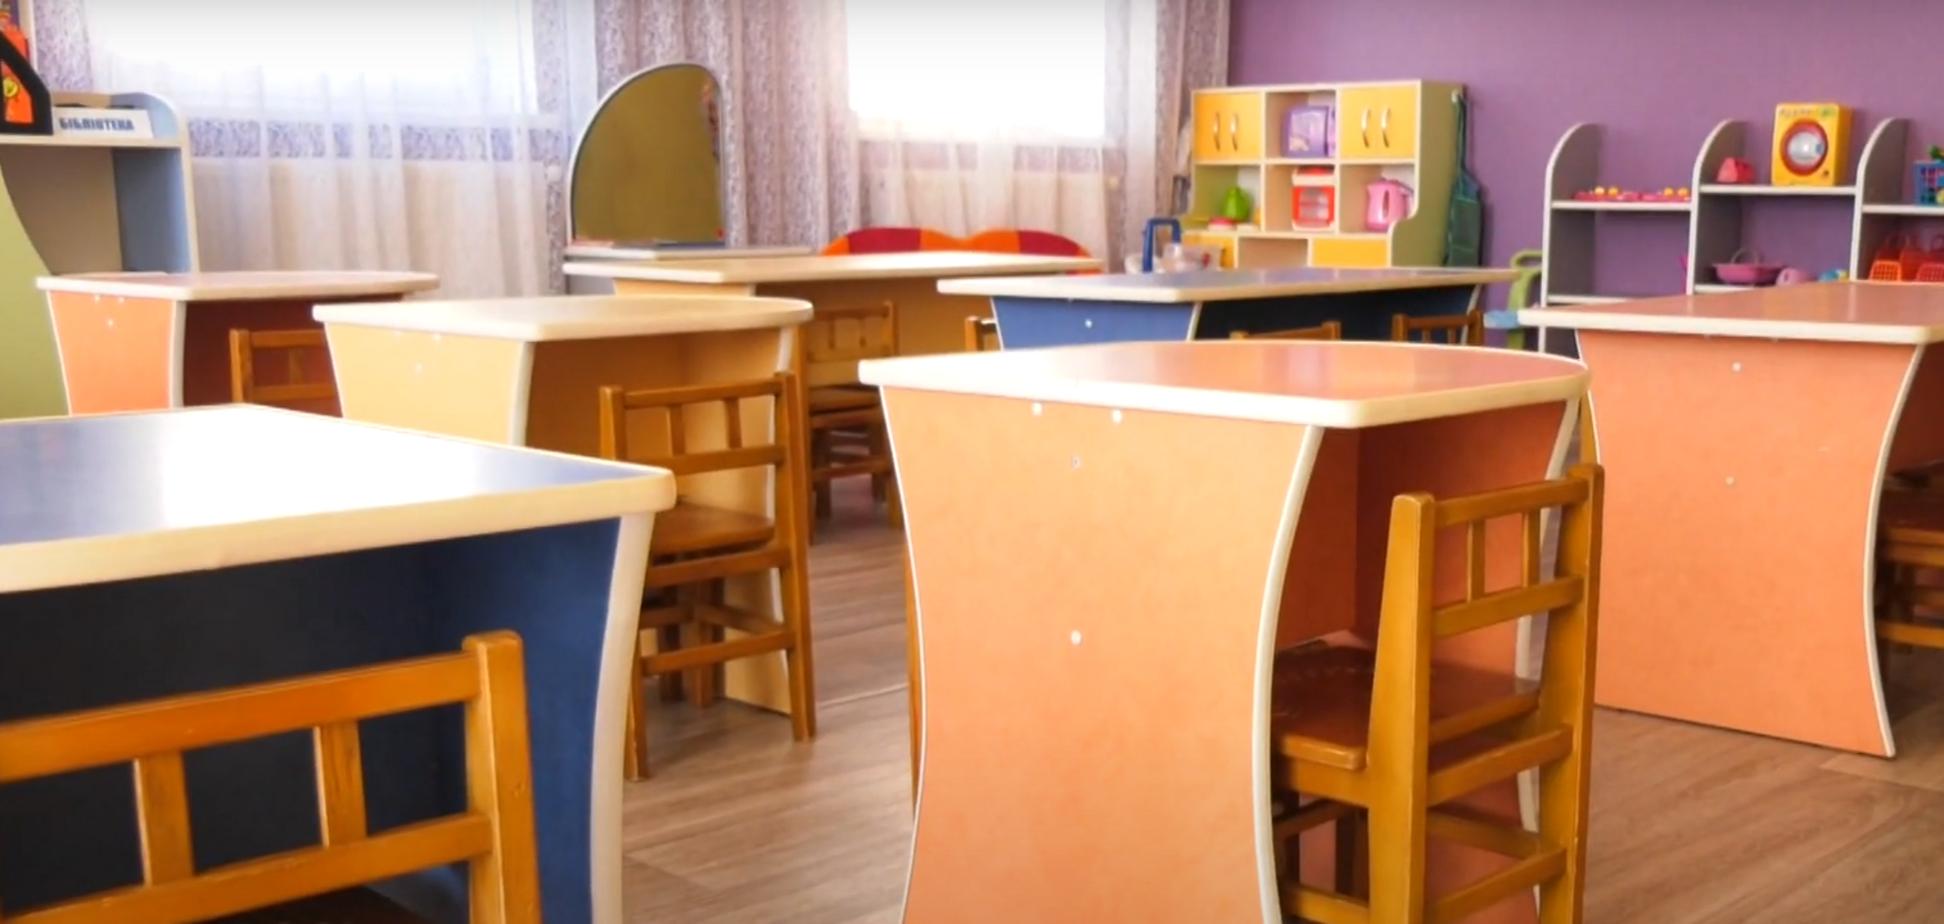 В Черкассах няня избила двухлетнего ребенка в детсаду: ее уволили. Видео